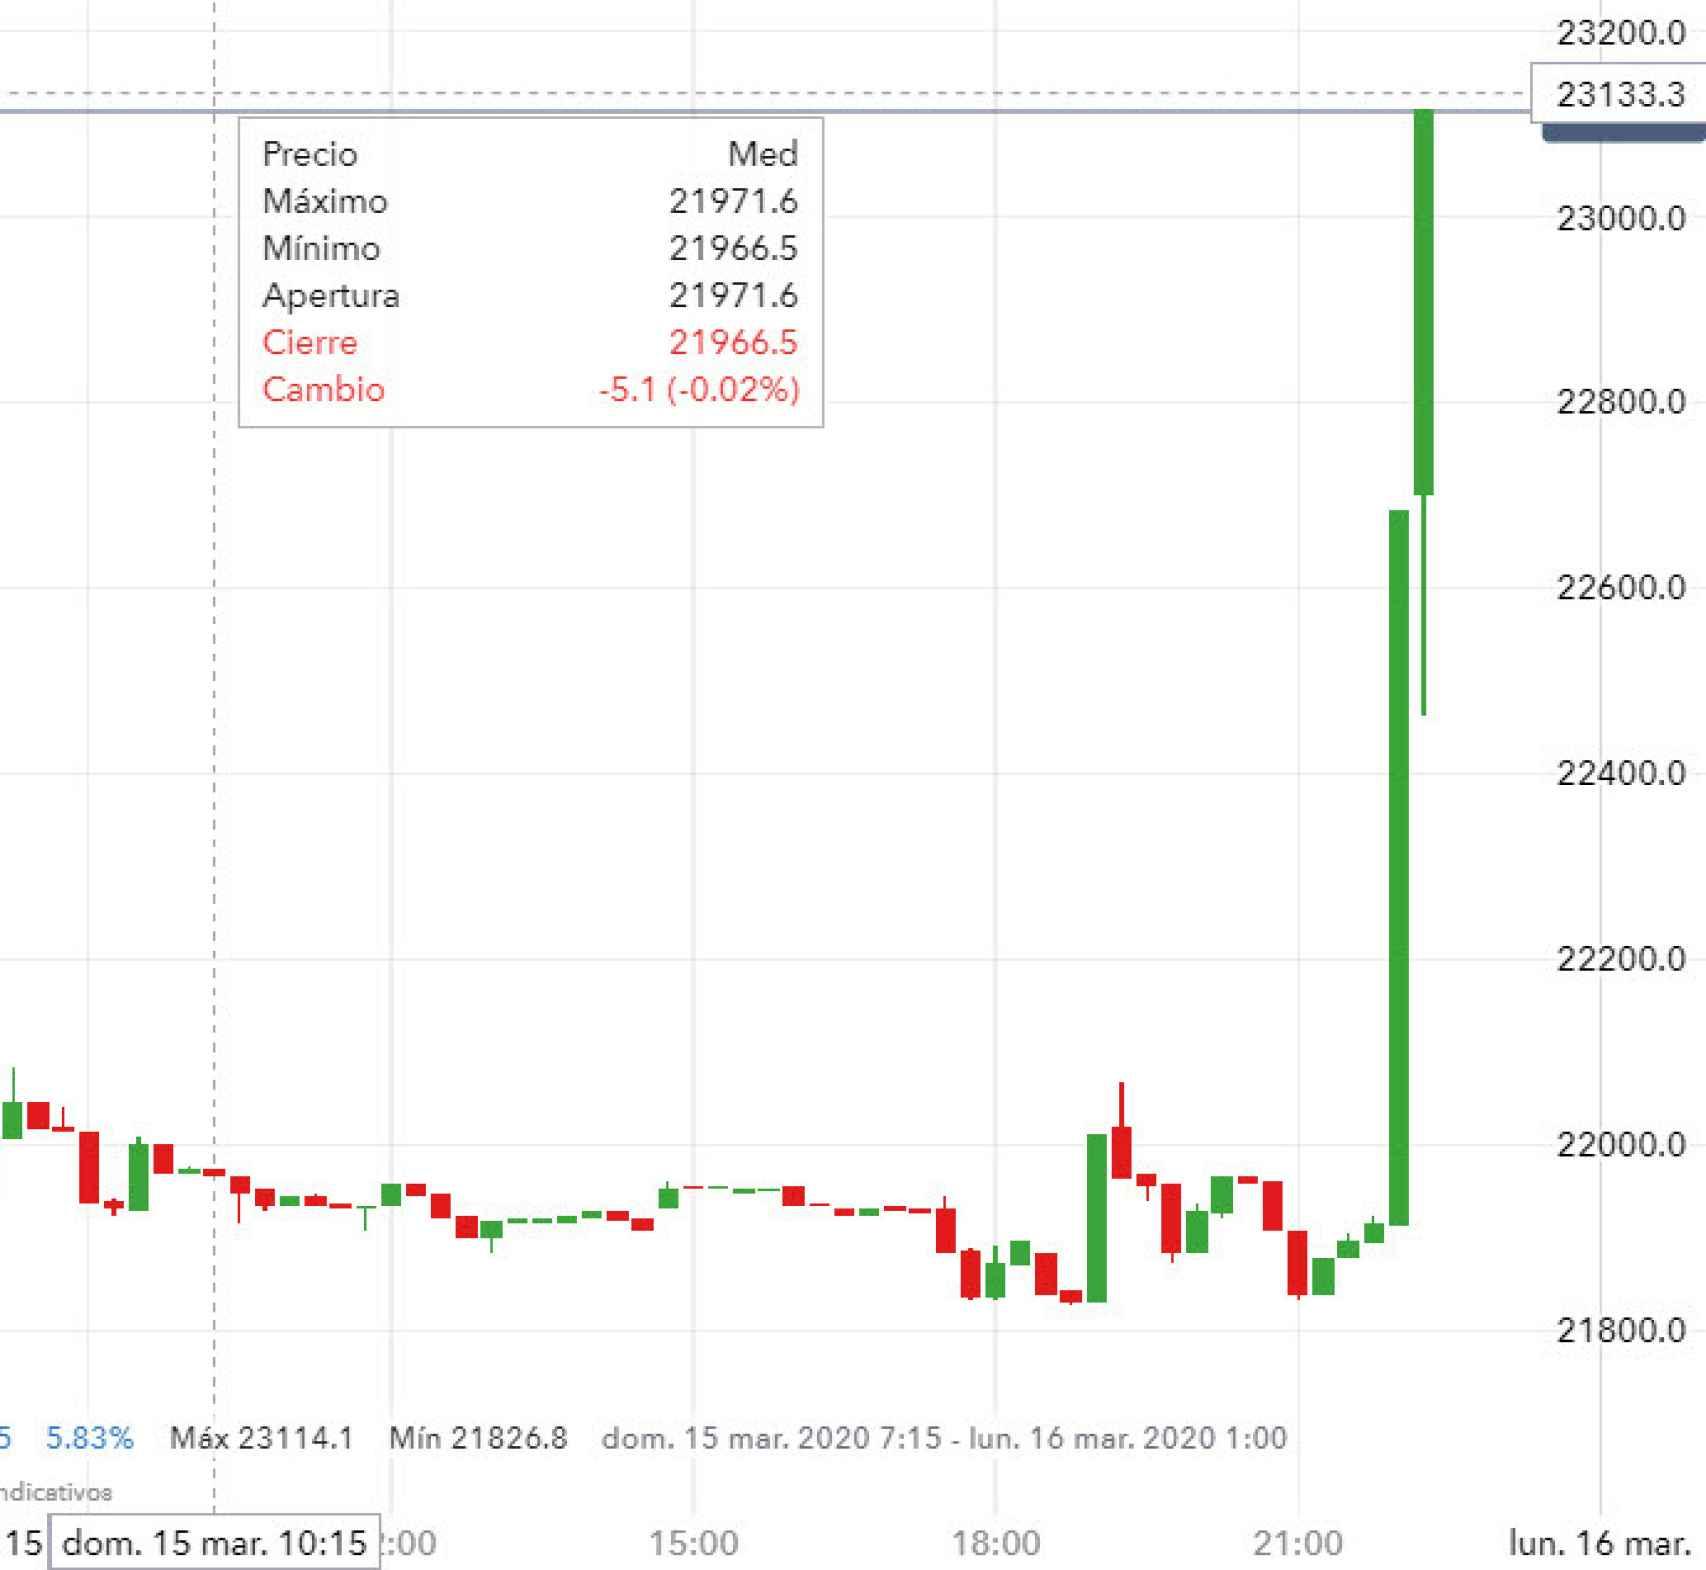 Reacción del CFD emitido por IG sobre el Dow Jones